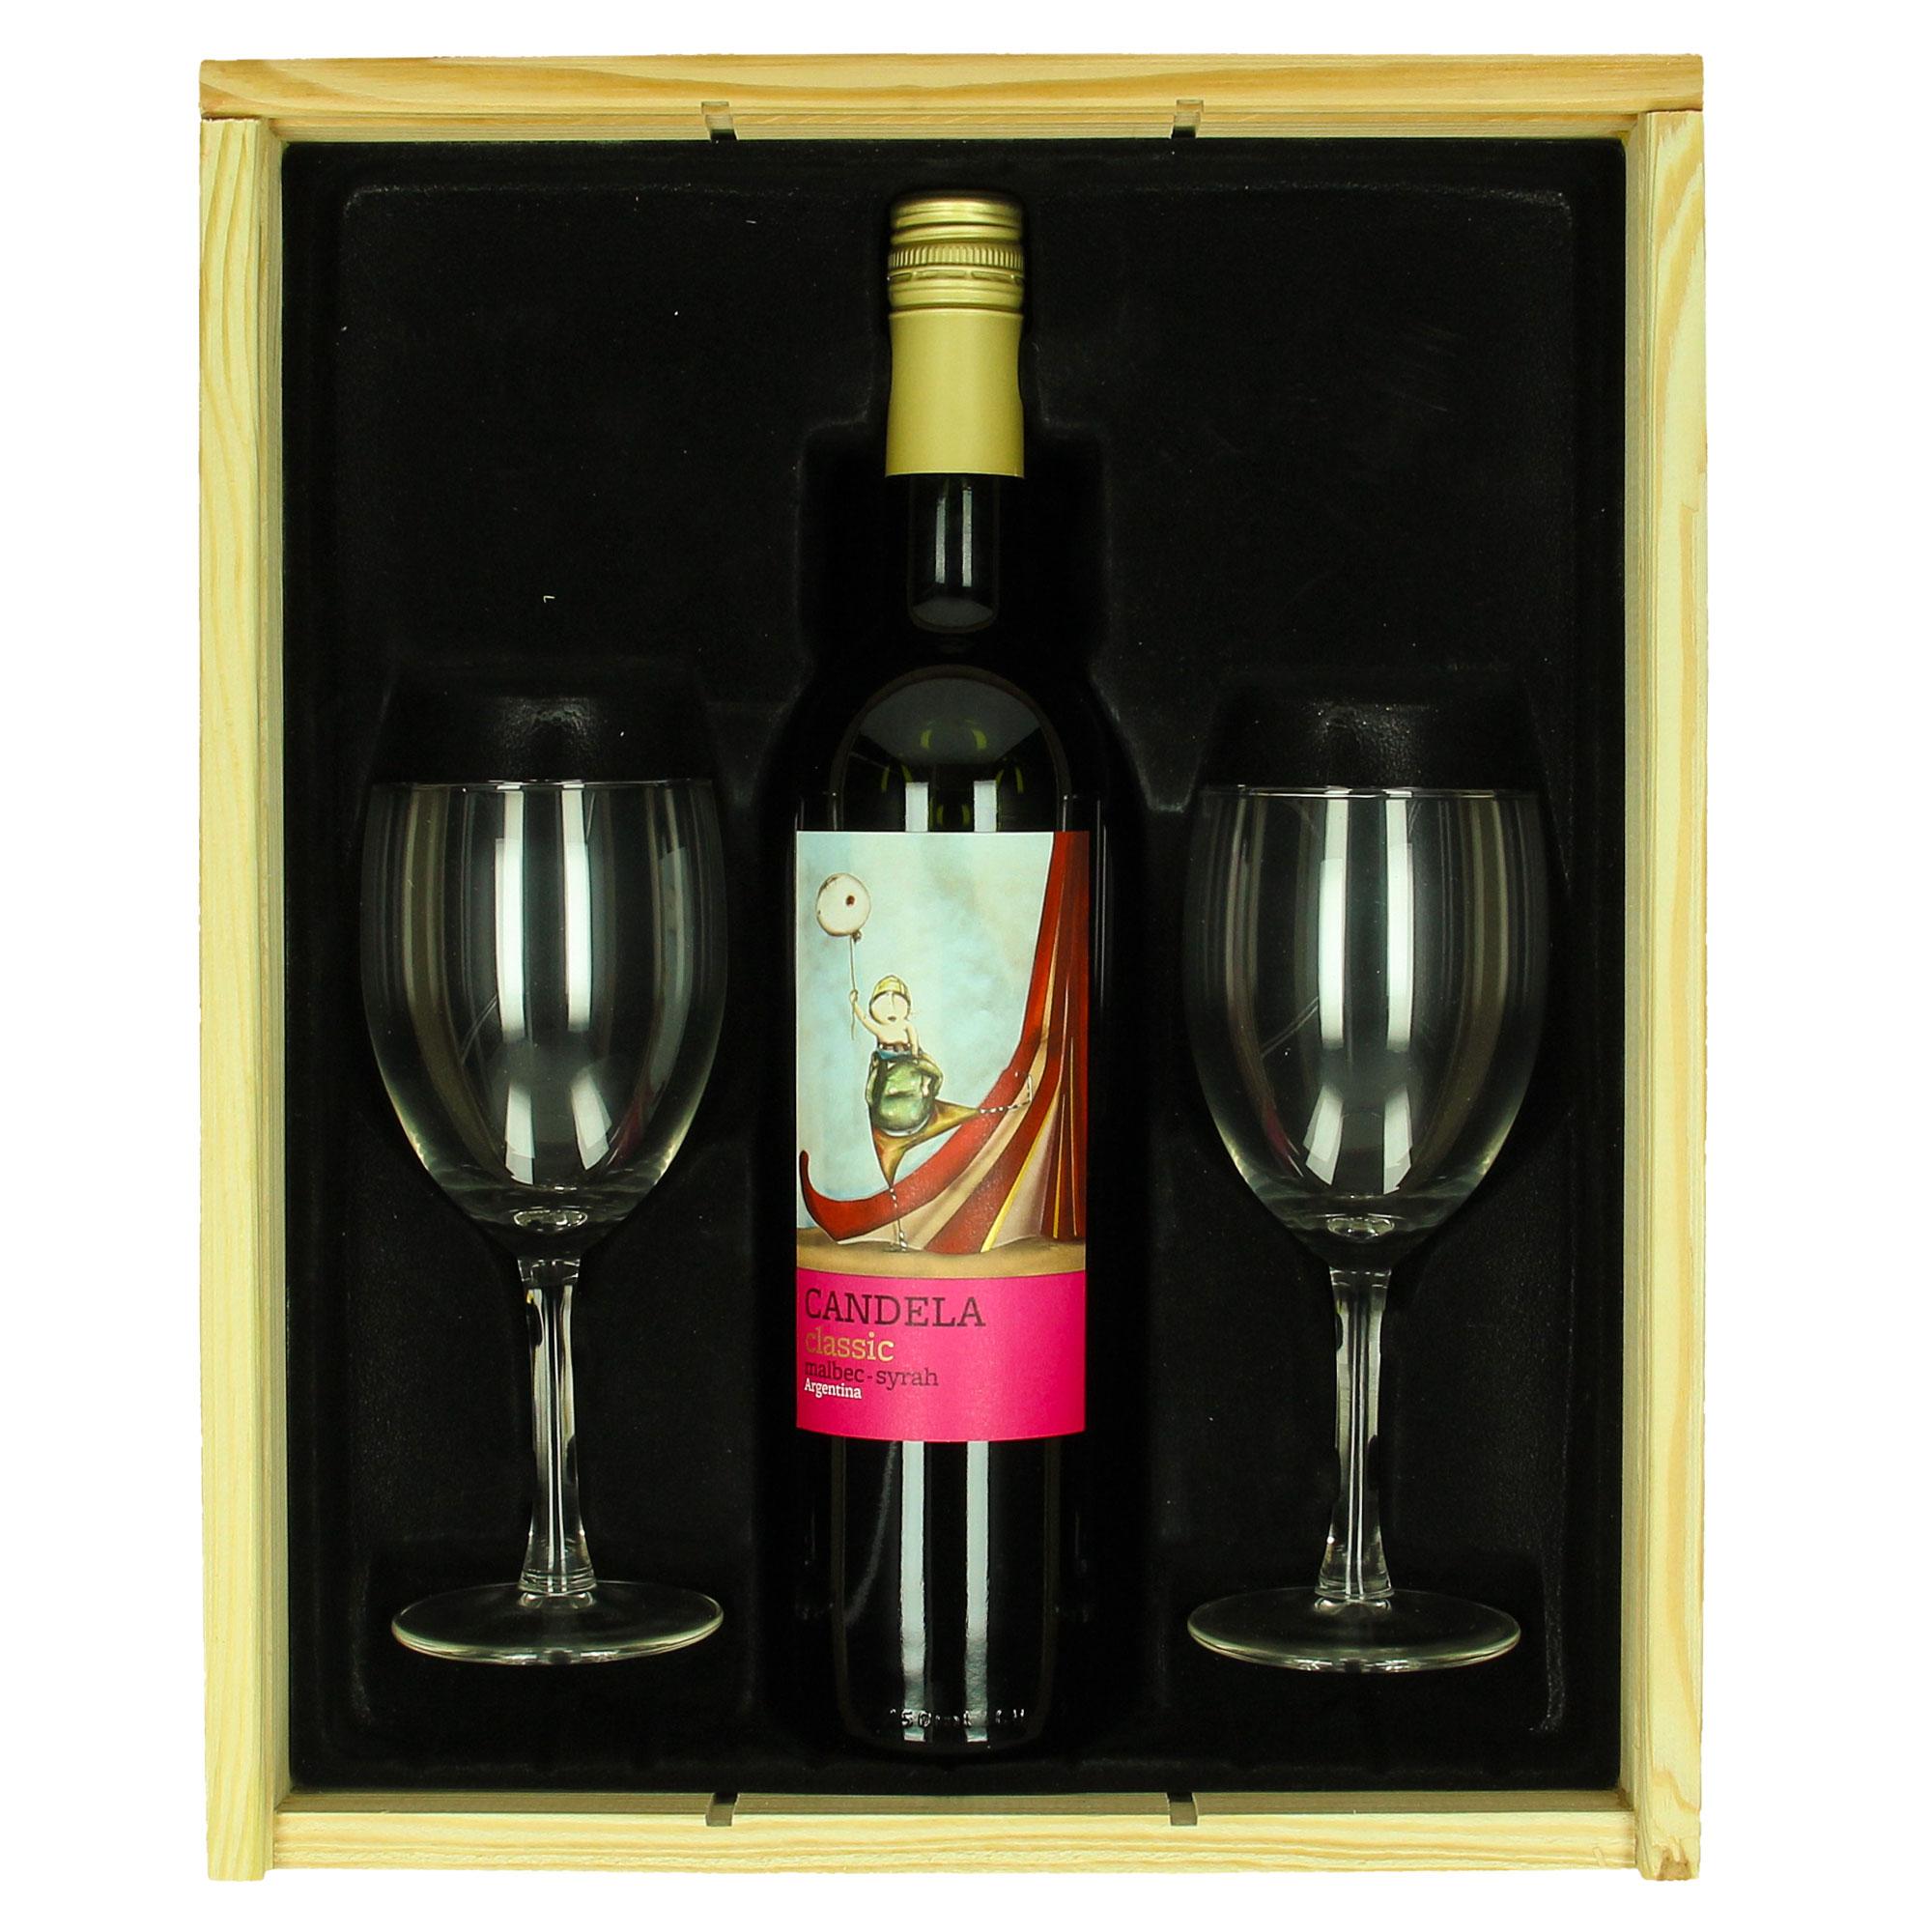 Wijnpakket Candela Malbec + gepersonaliseerde glazen